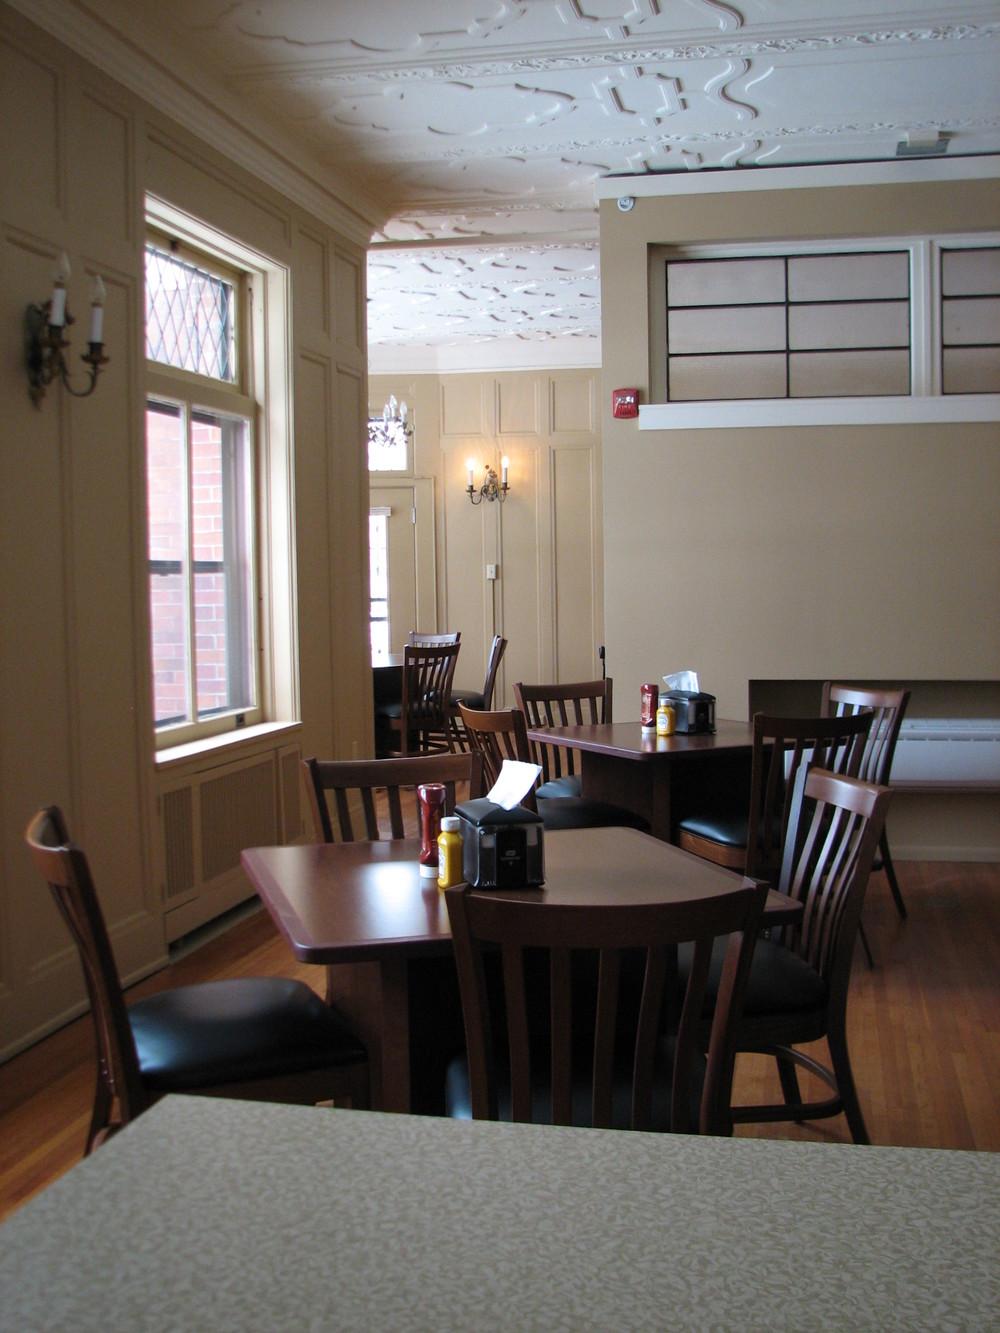 2011-03-10 Site Visit 027.jpg